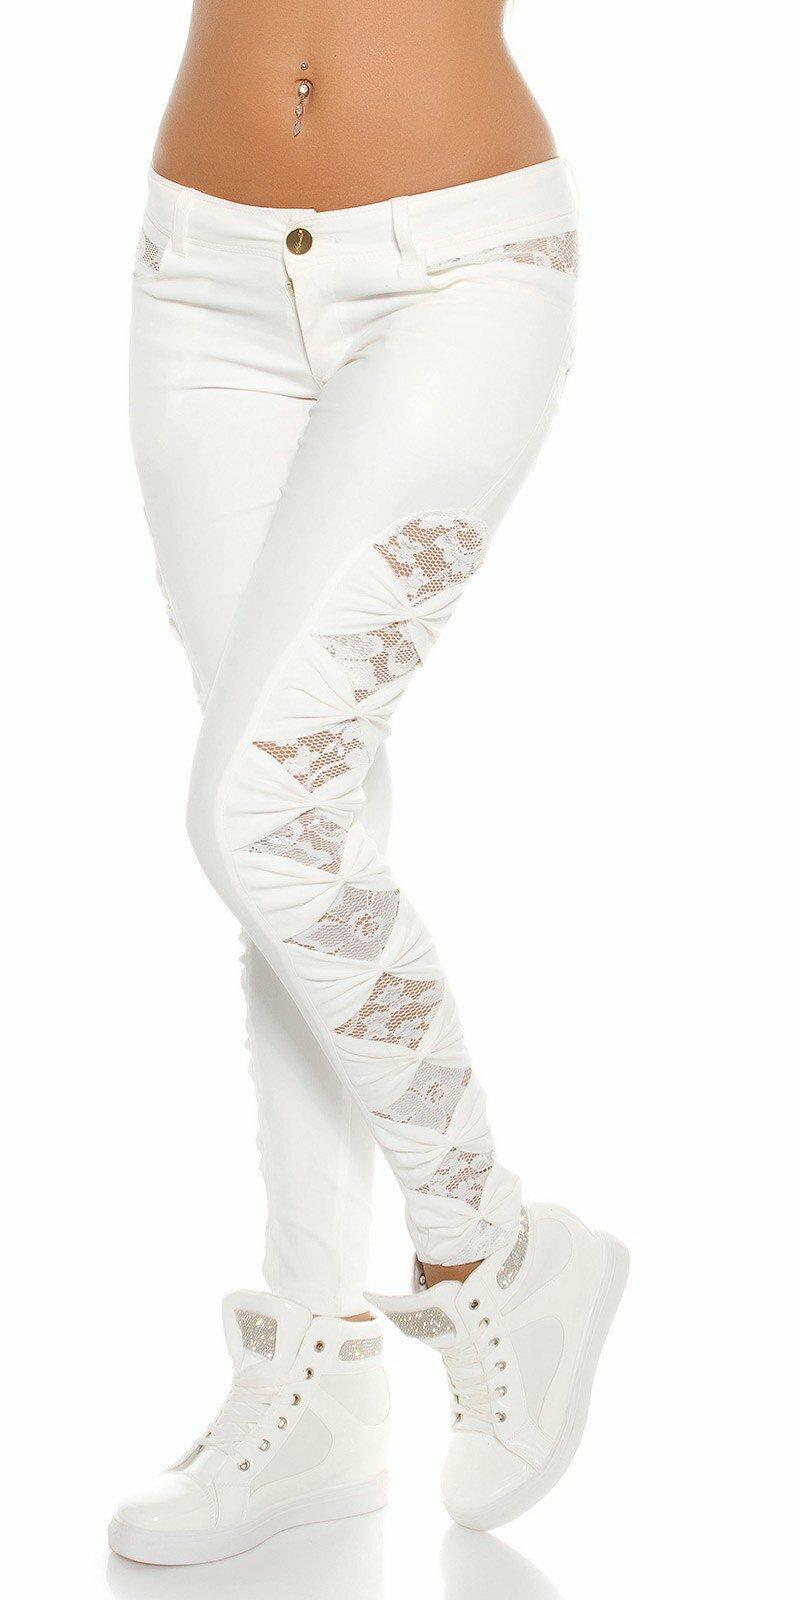 ... KouCla dámske nohavice koženého vzhľadu s čipkou po bokoch Biela ... dbb66cbaa9